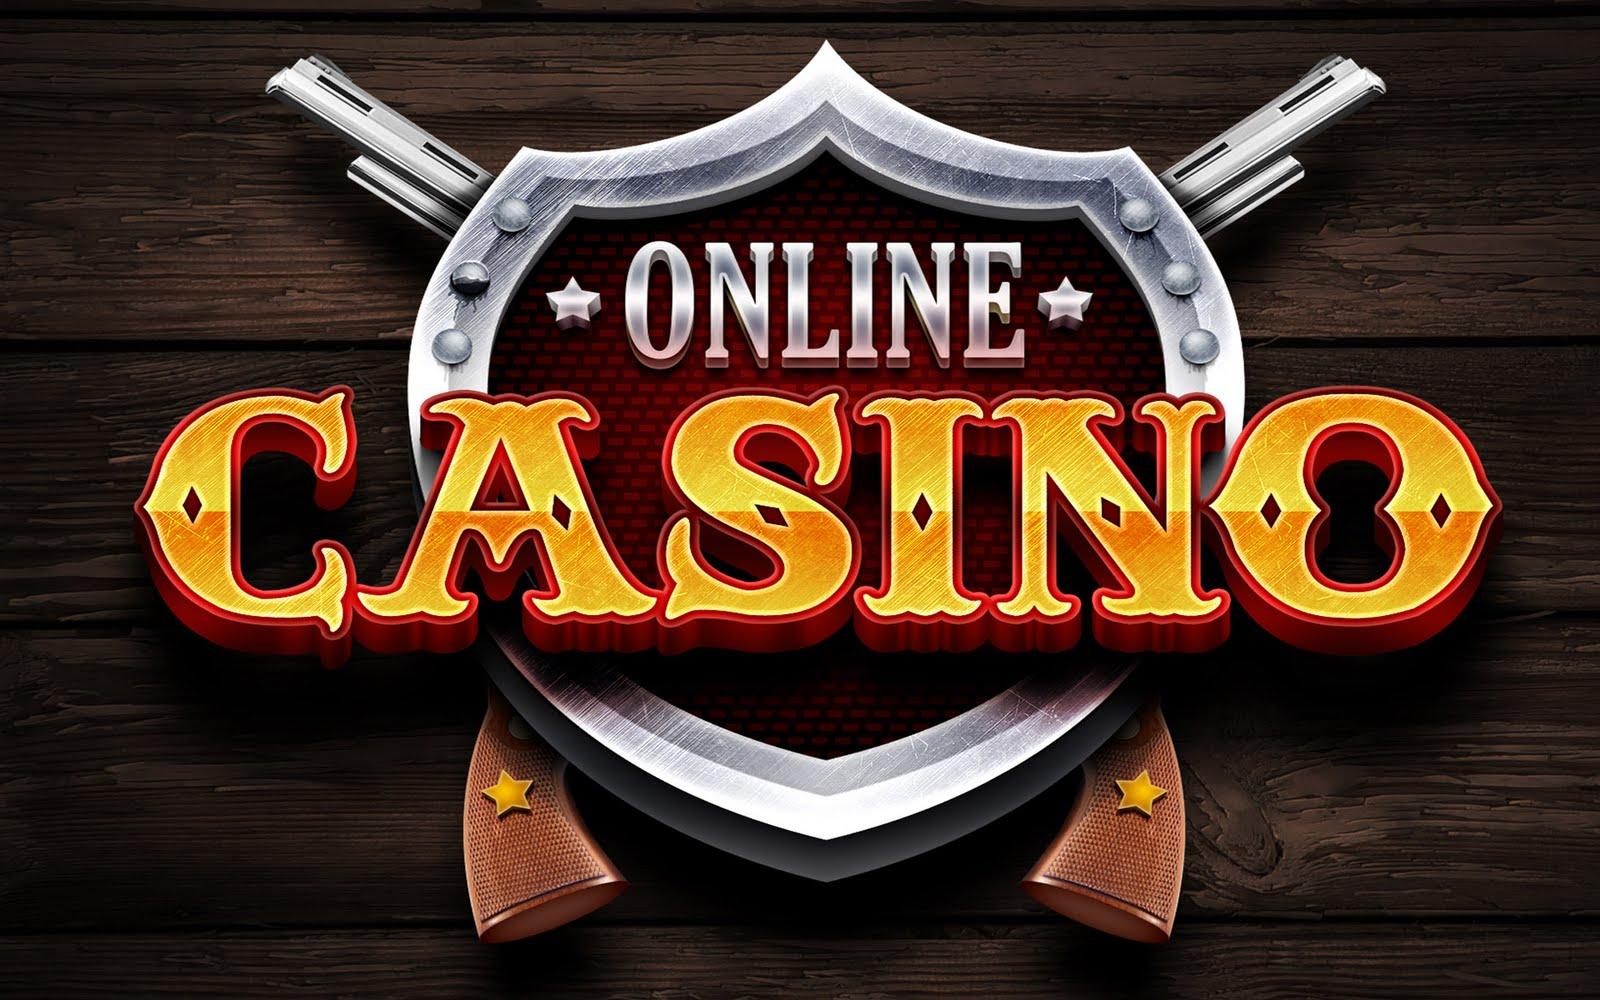 Een new site met recensies van online casino's in NL - Casino Point